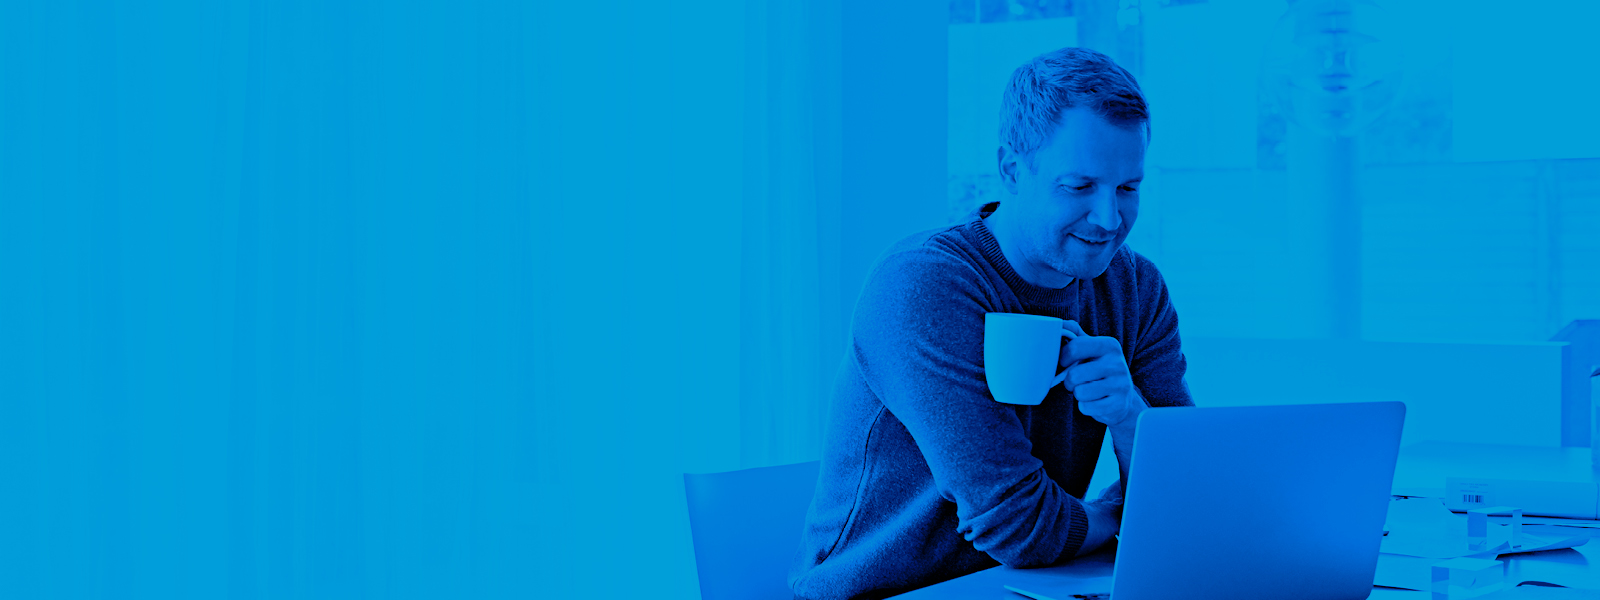 Imagen de un hombre tomando café mientras trabaja